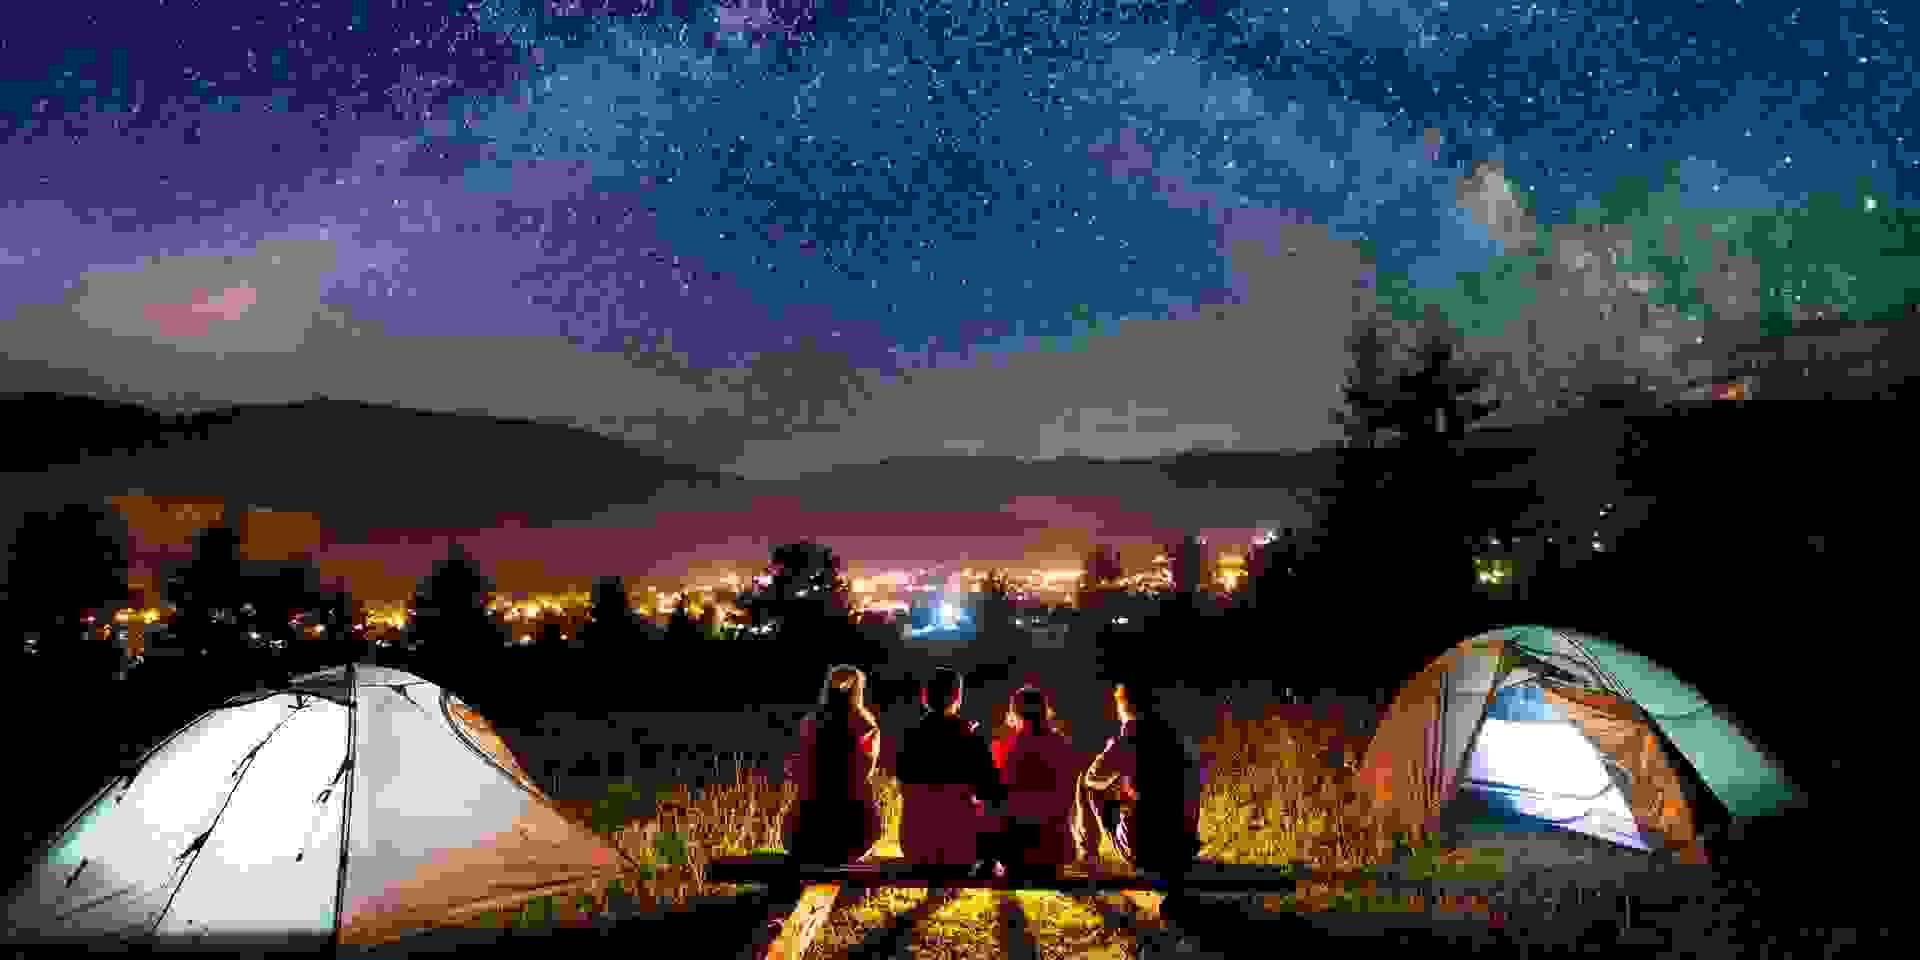 Zwei Frauen und zwei Männer hocken zwischen ihren Zelten und schauen in einen Sternenhimmel am Rande einer Stadt.